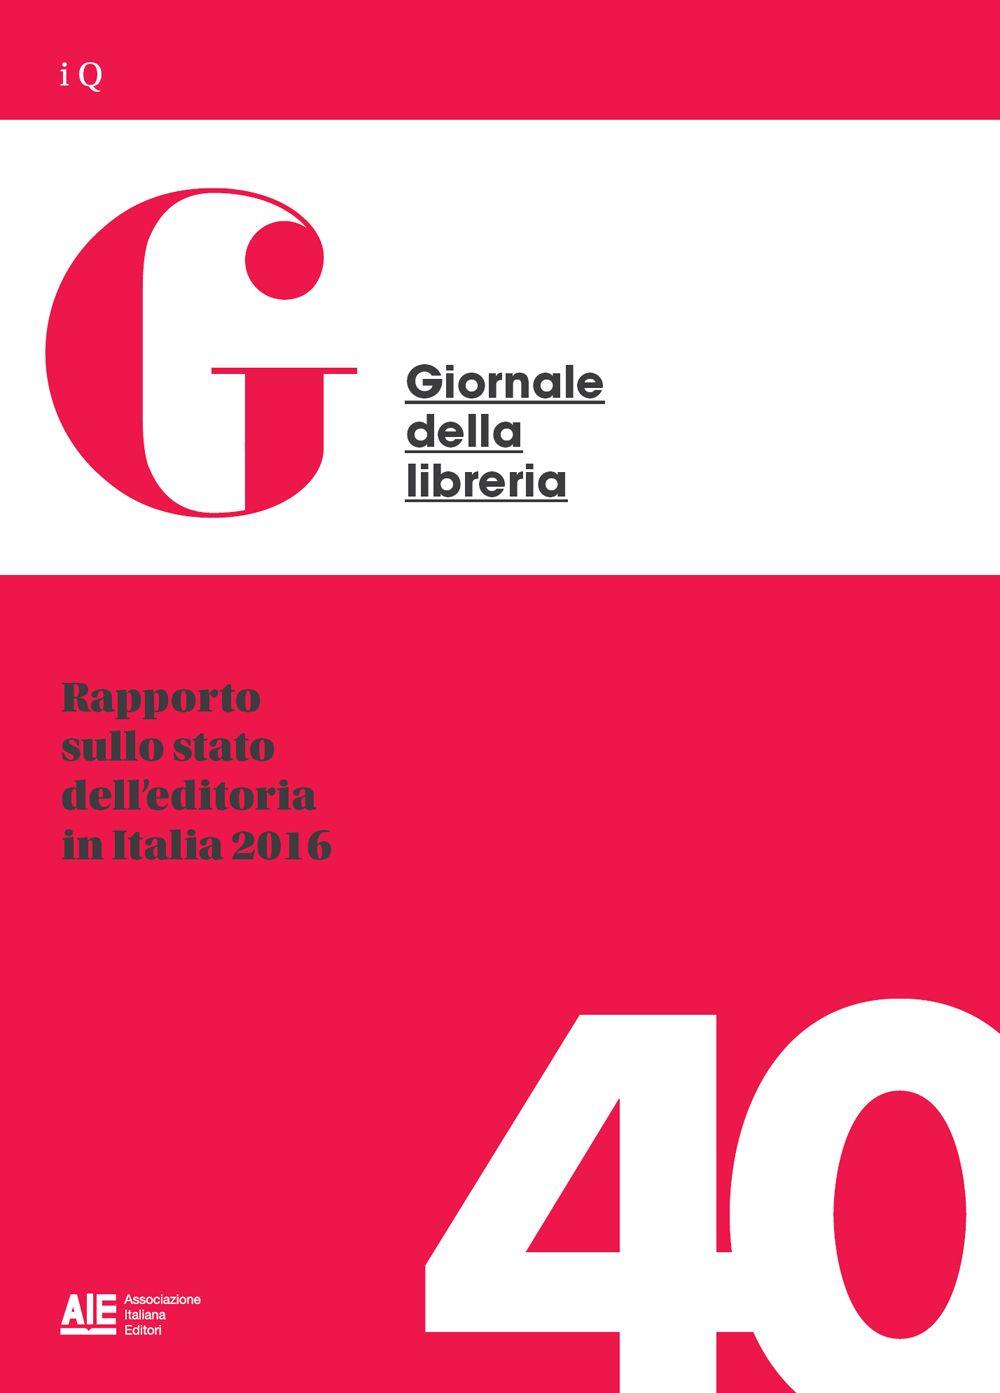 Rapporto sullo stato dell'editoria in Italia 2016